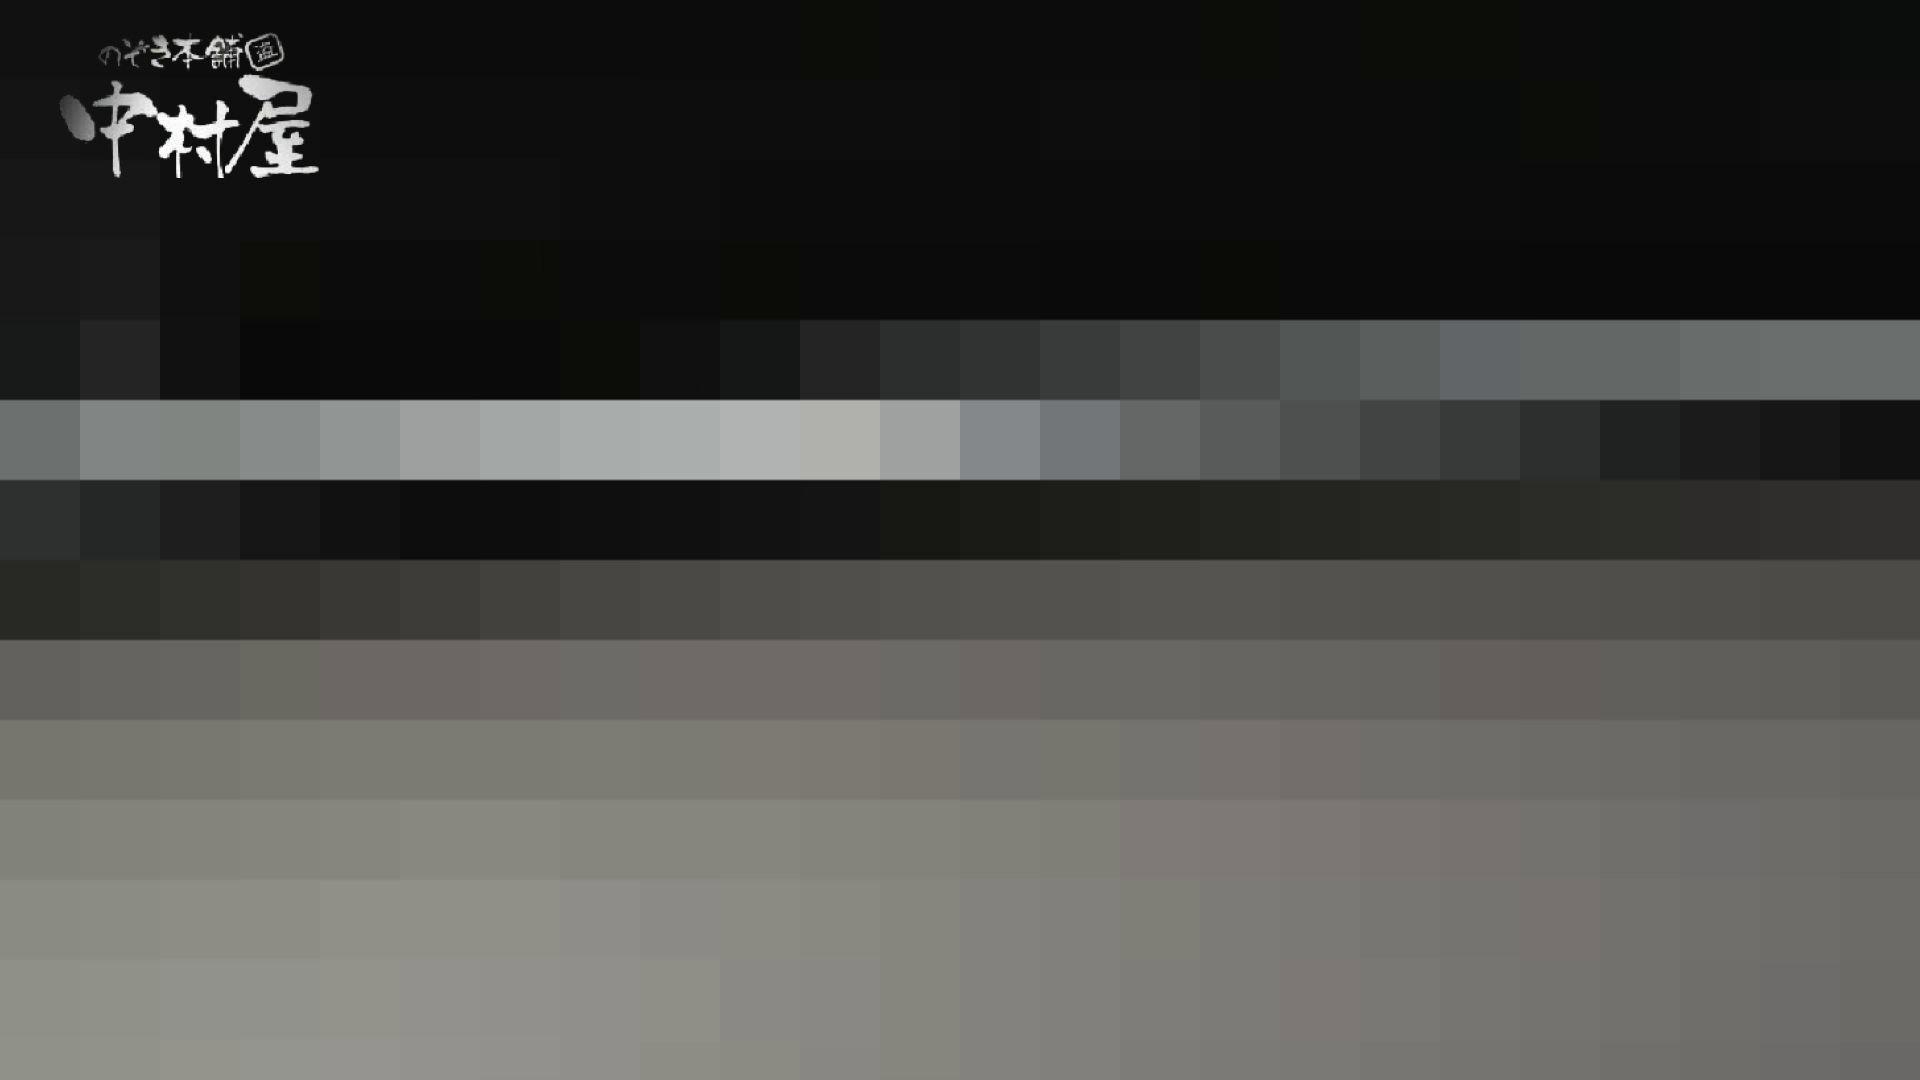 【世界の射窓から】世界の射窓から vol.14 洗面所編  102PIX 26